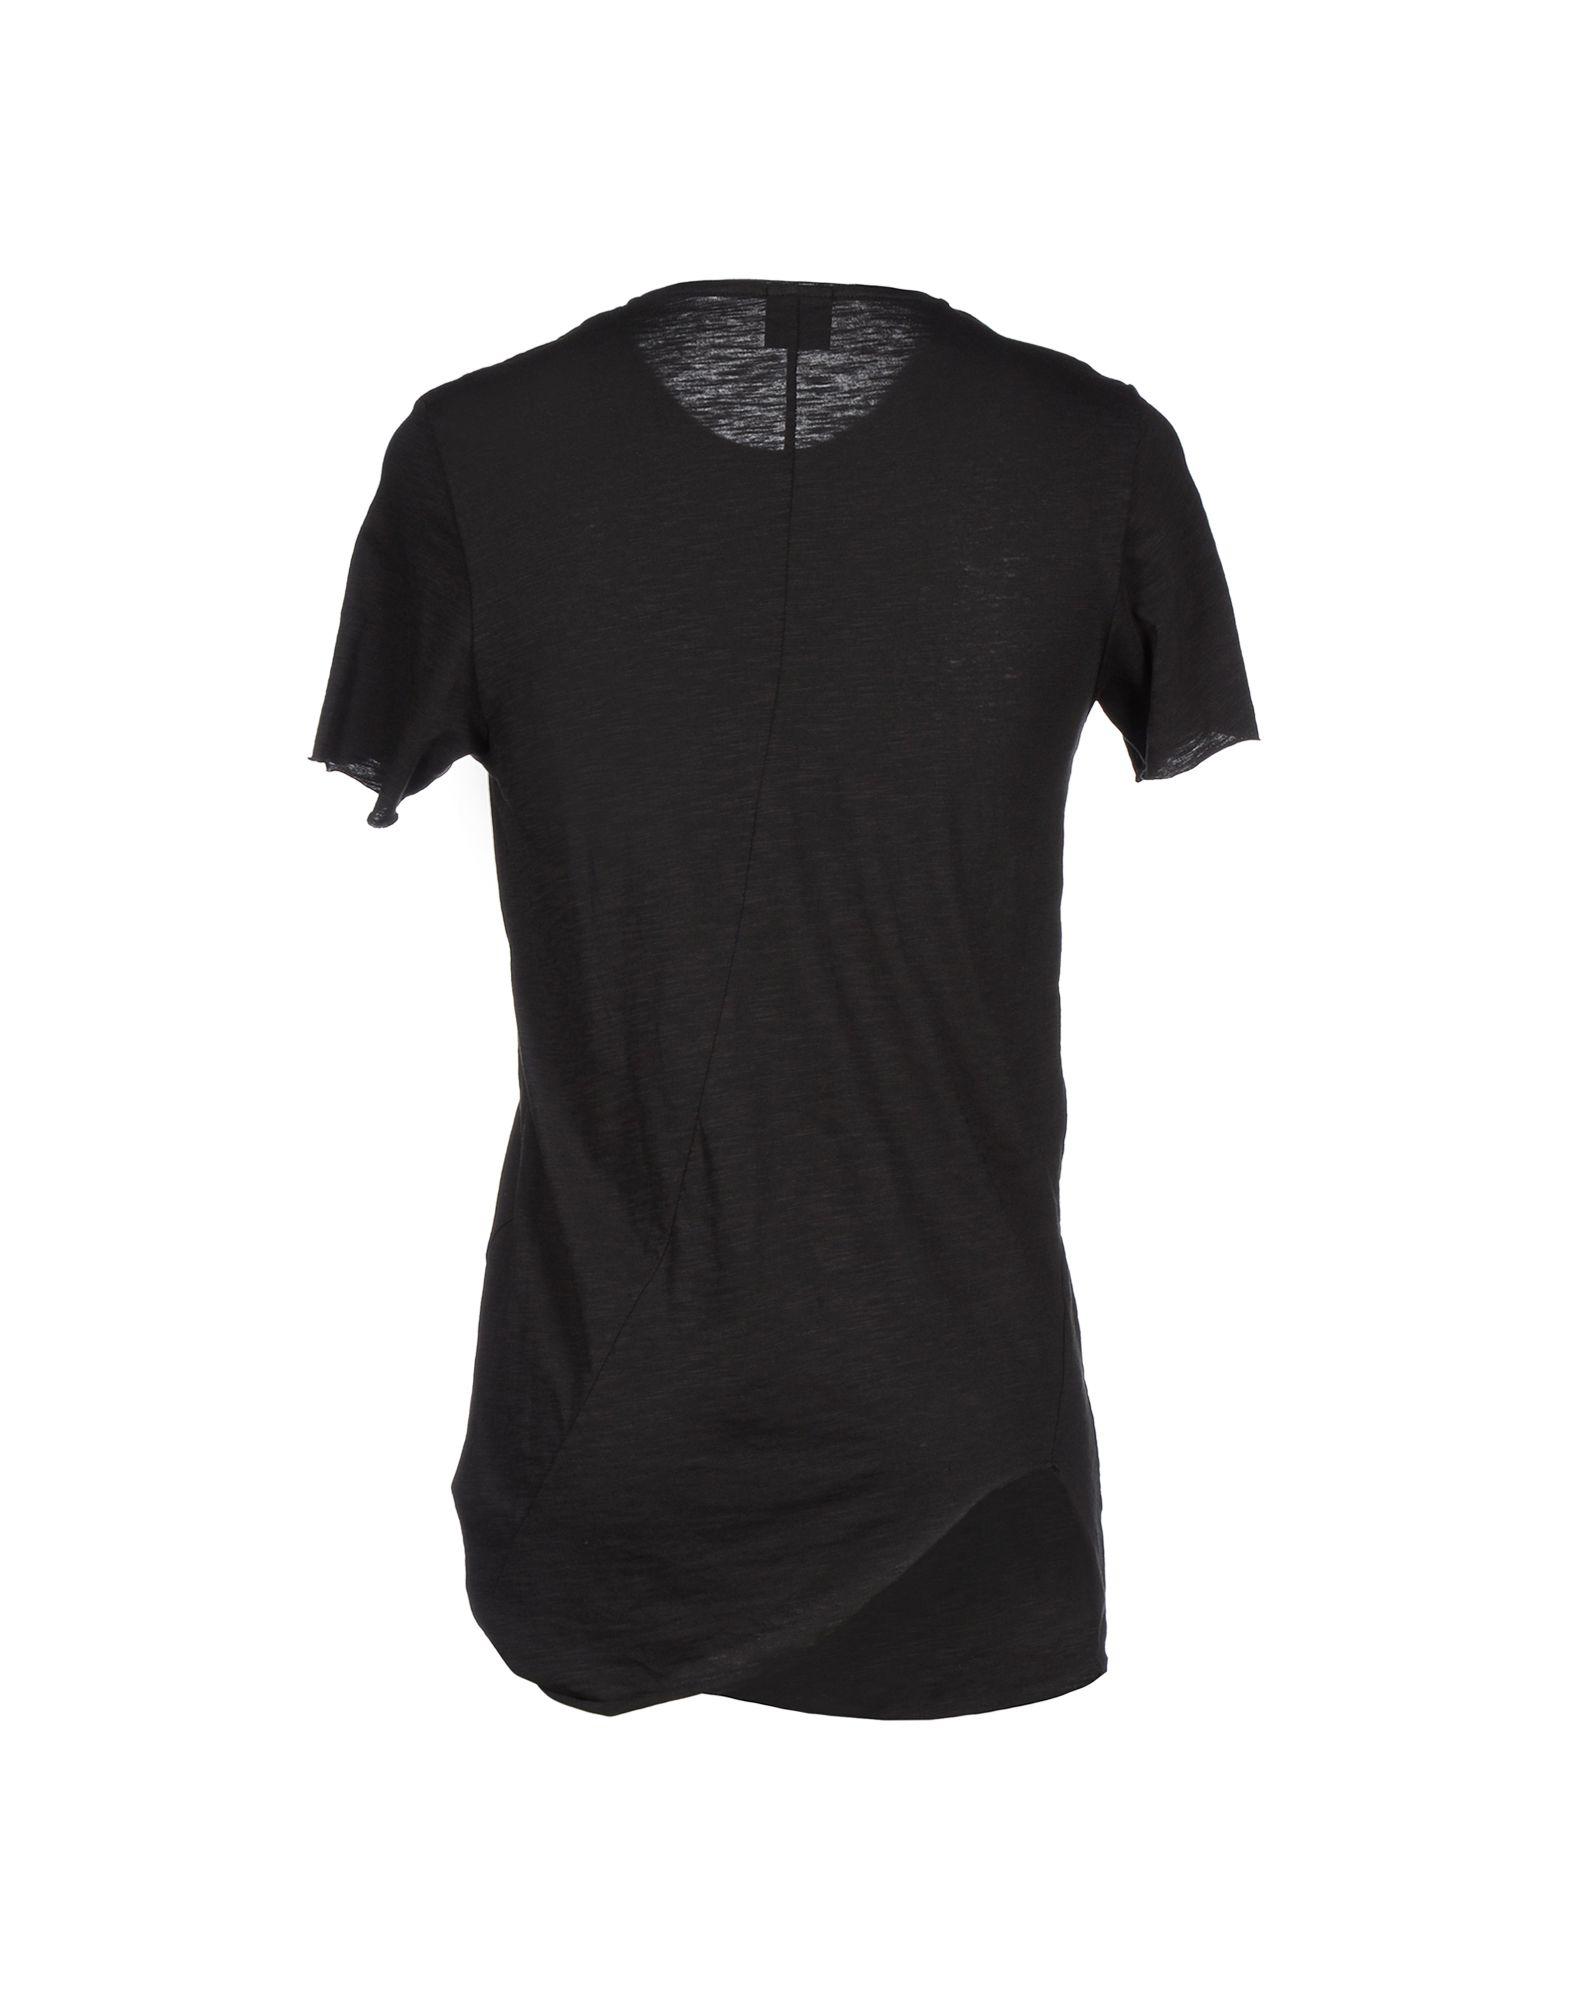 originals by jack jones t shirt in black for men lyst. Black Bedroom Furniture Sets. Home Design Ideas